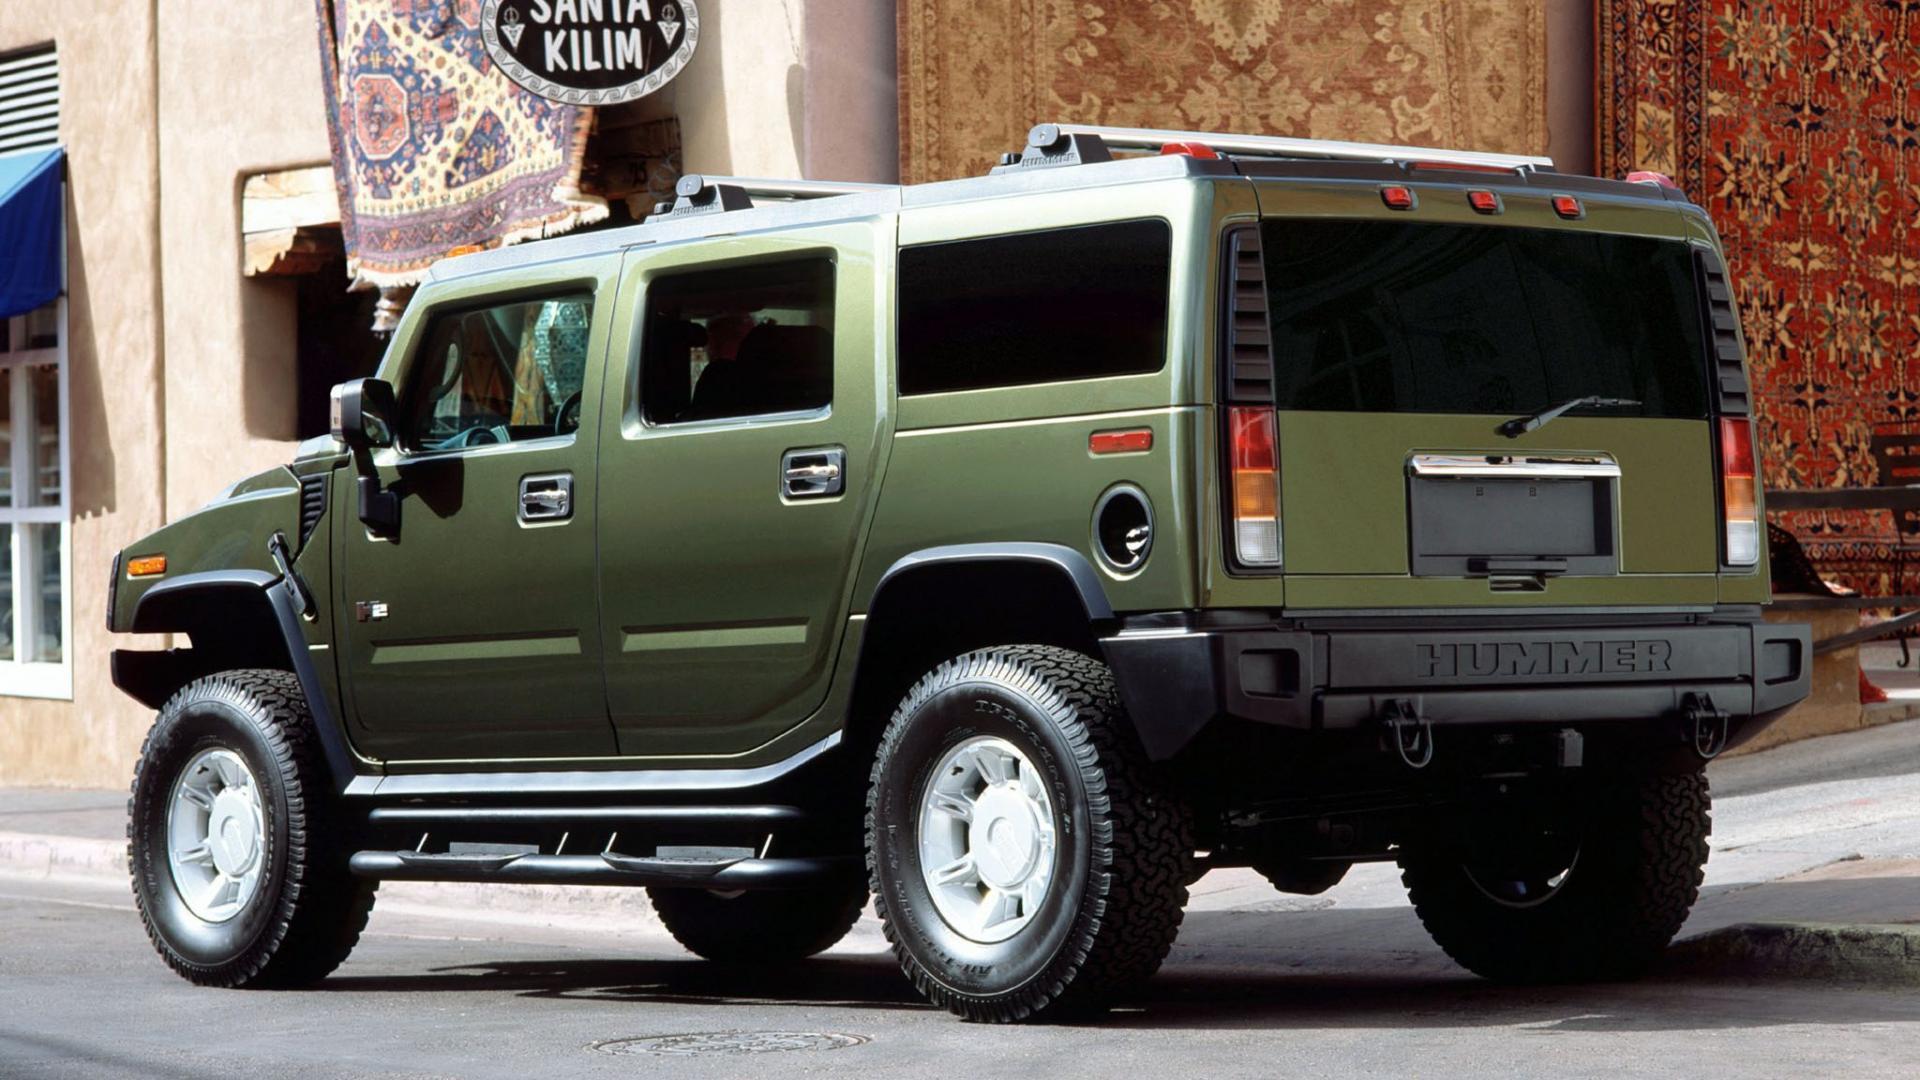 2003 HummerH2